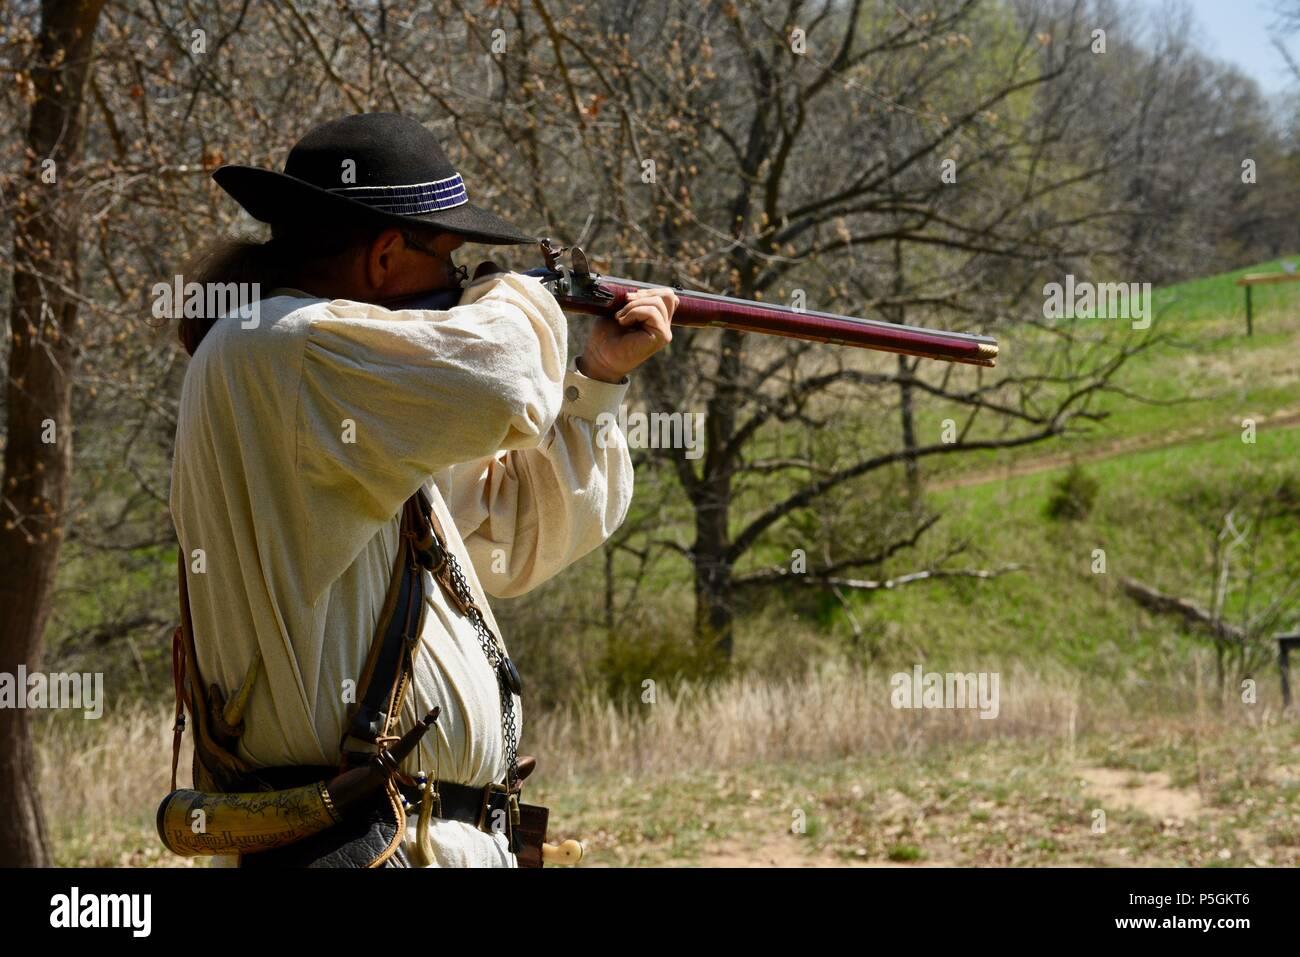 Shooting Range Usa Stock Photos & Shooting Range Usa Stock Images